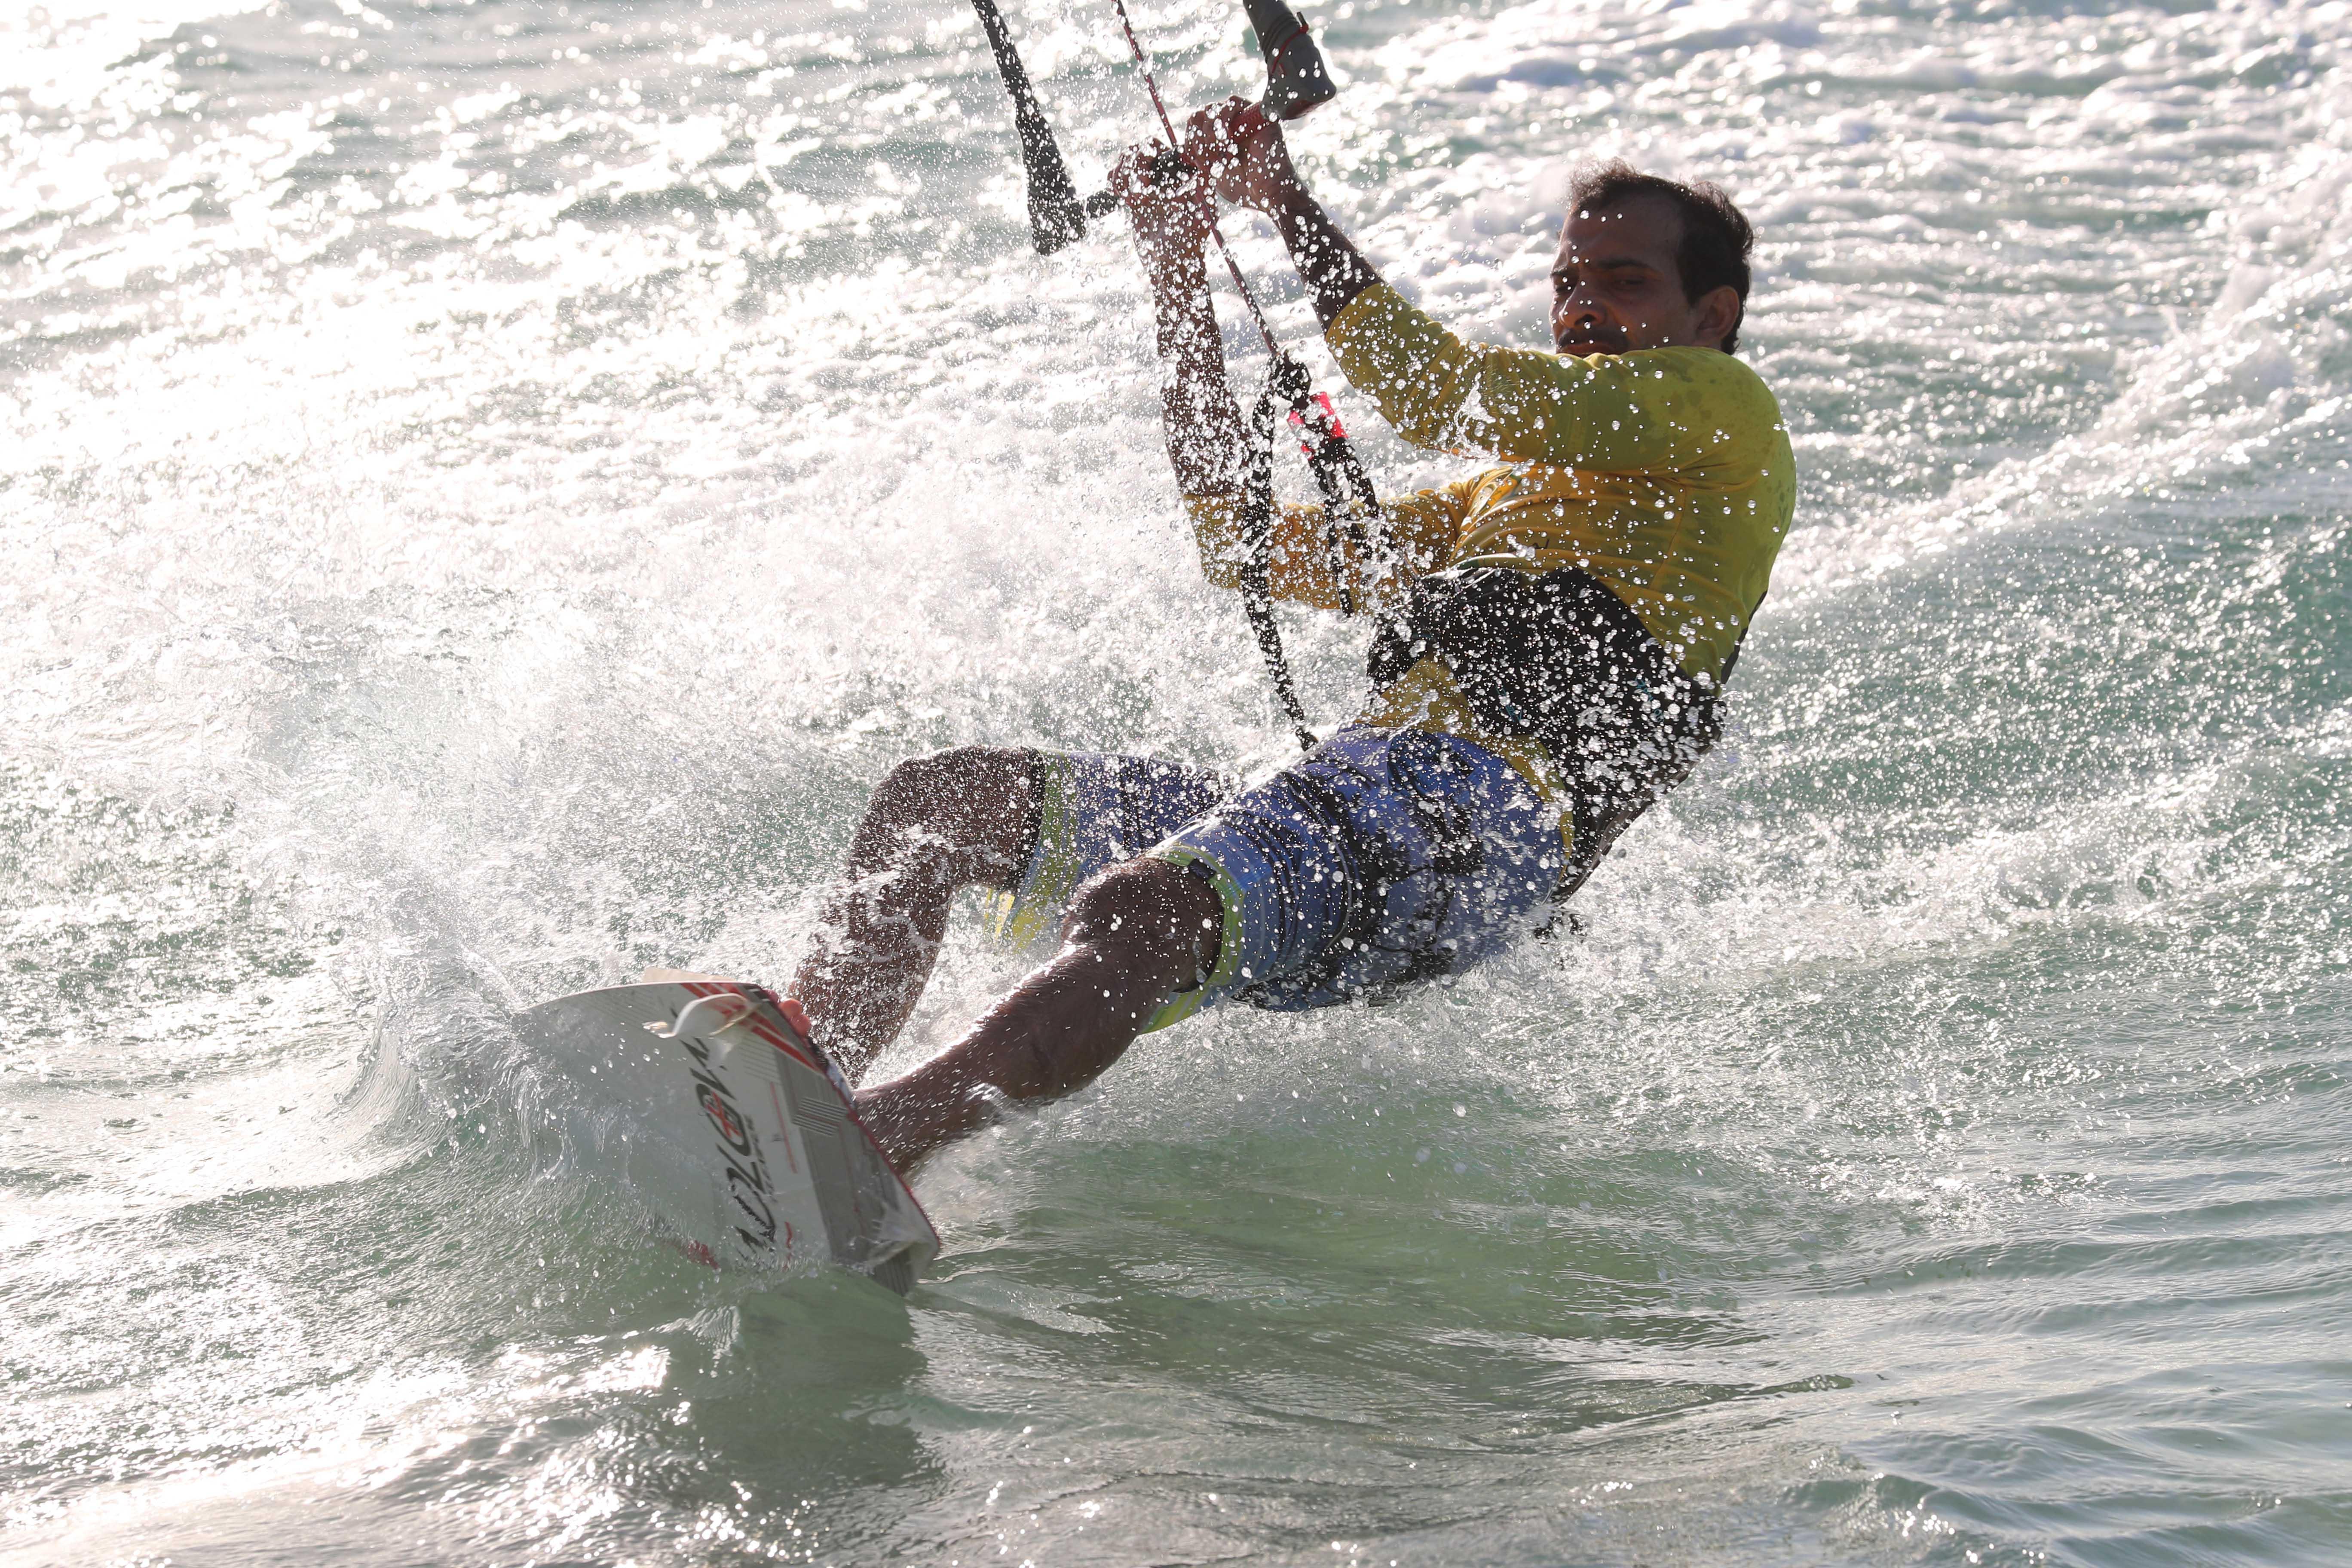 Second Round of Dubai Kitesurf Open on Friday & Saturday